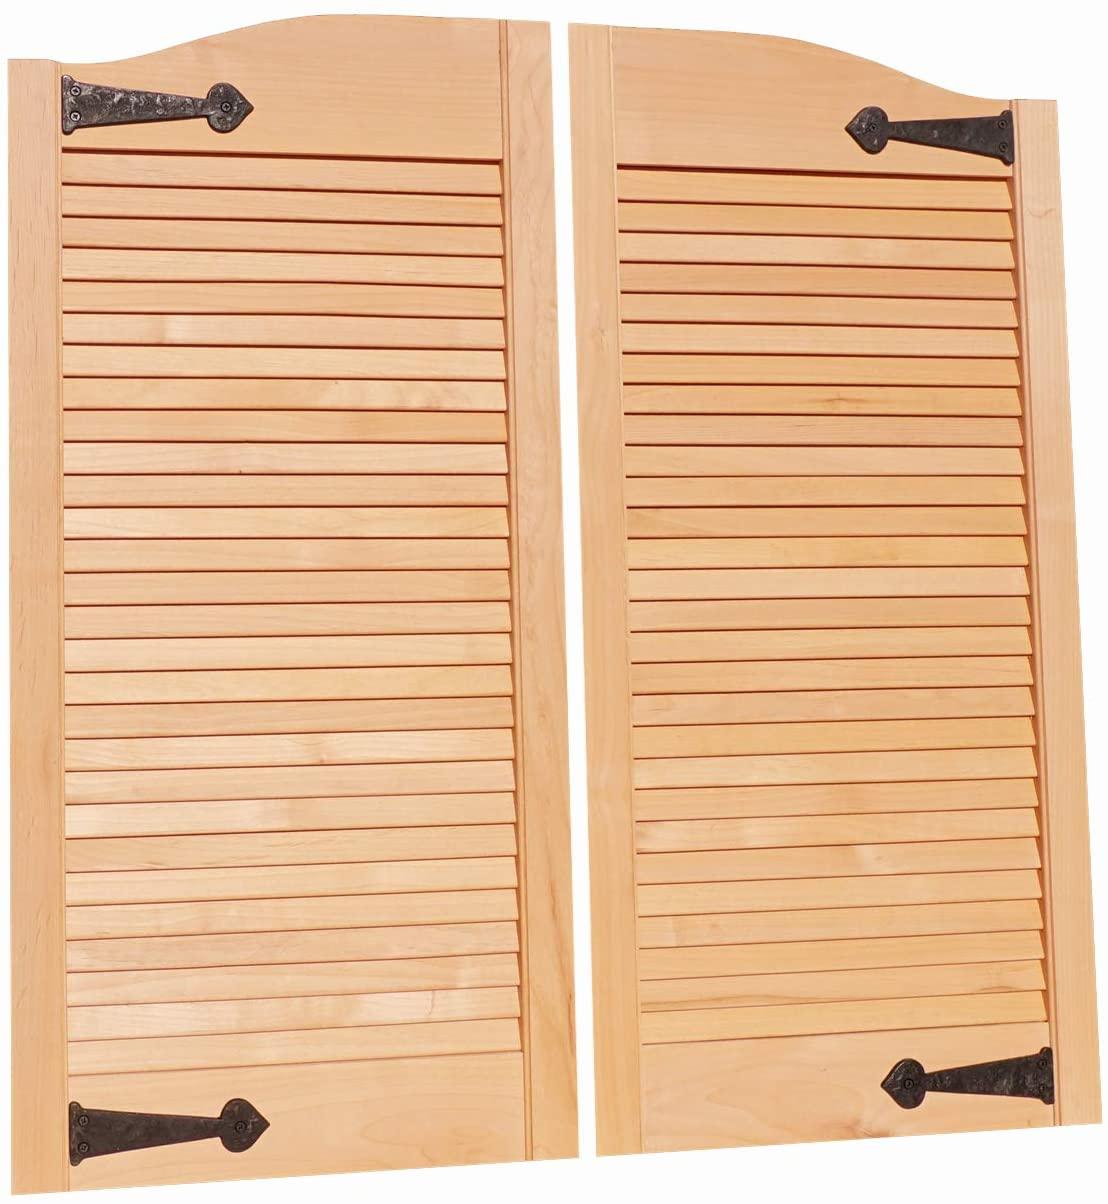 Cafe Doors by Cafe Doors Emporium | Alder Wood Cafe Doors | Prefit for 30